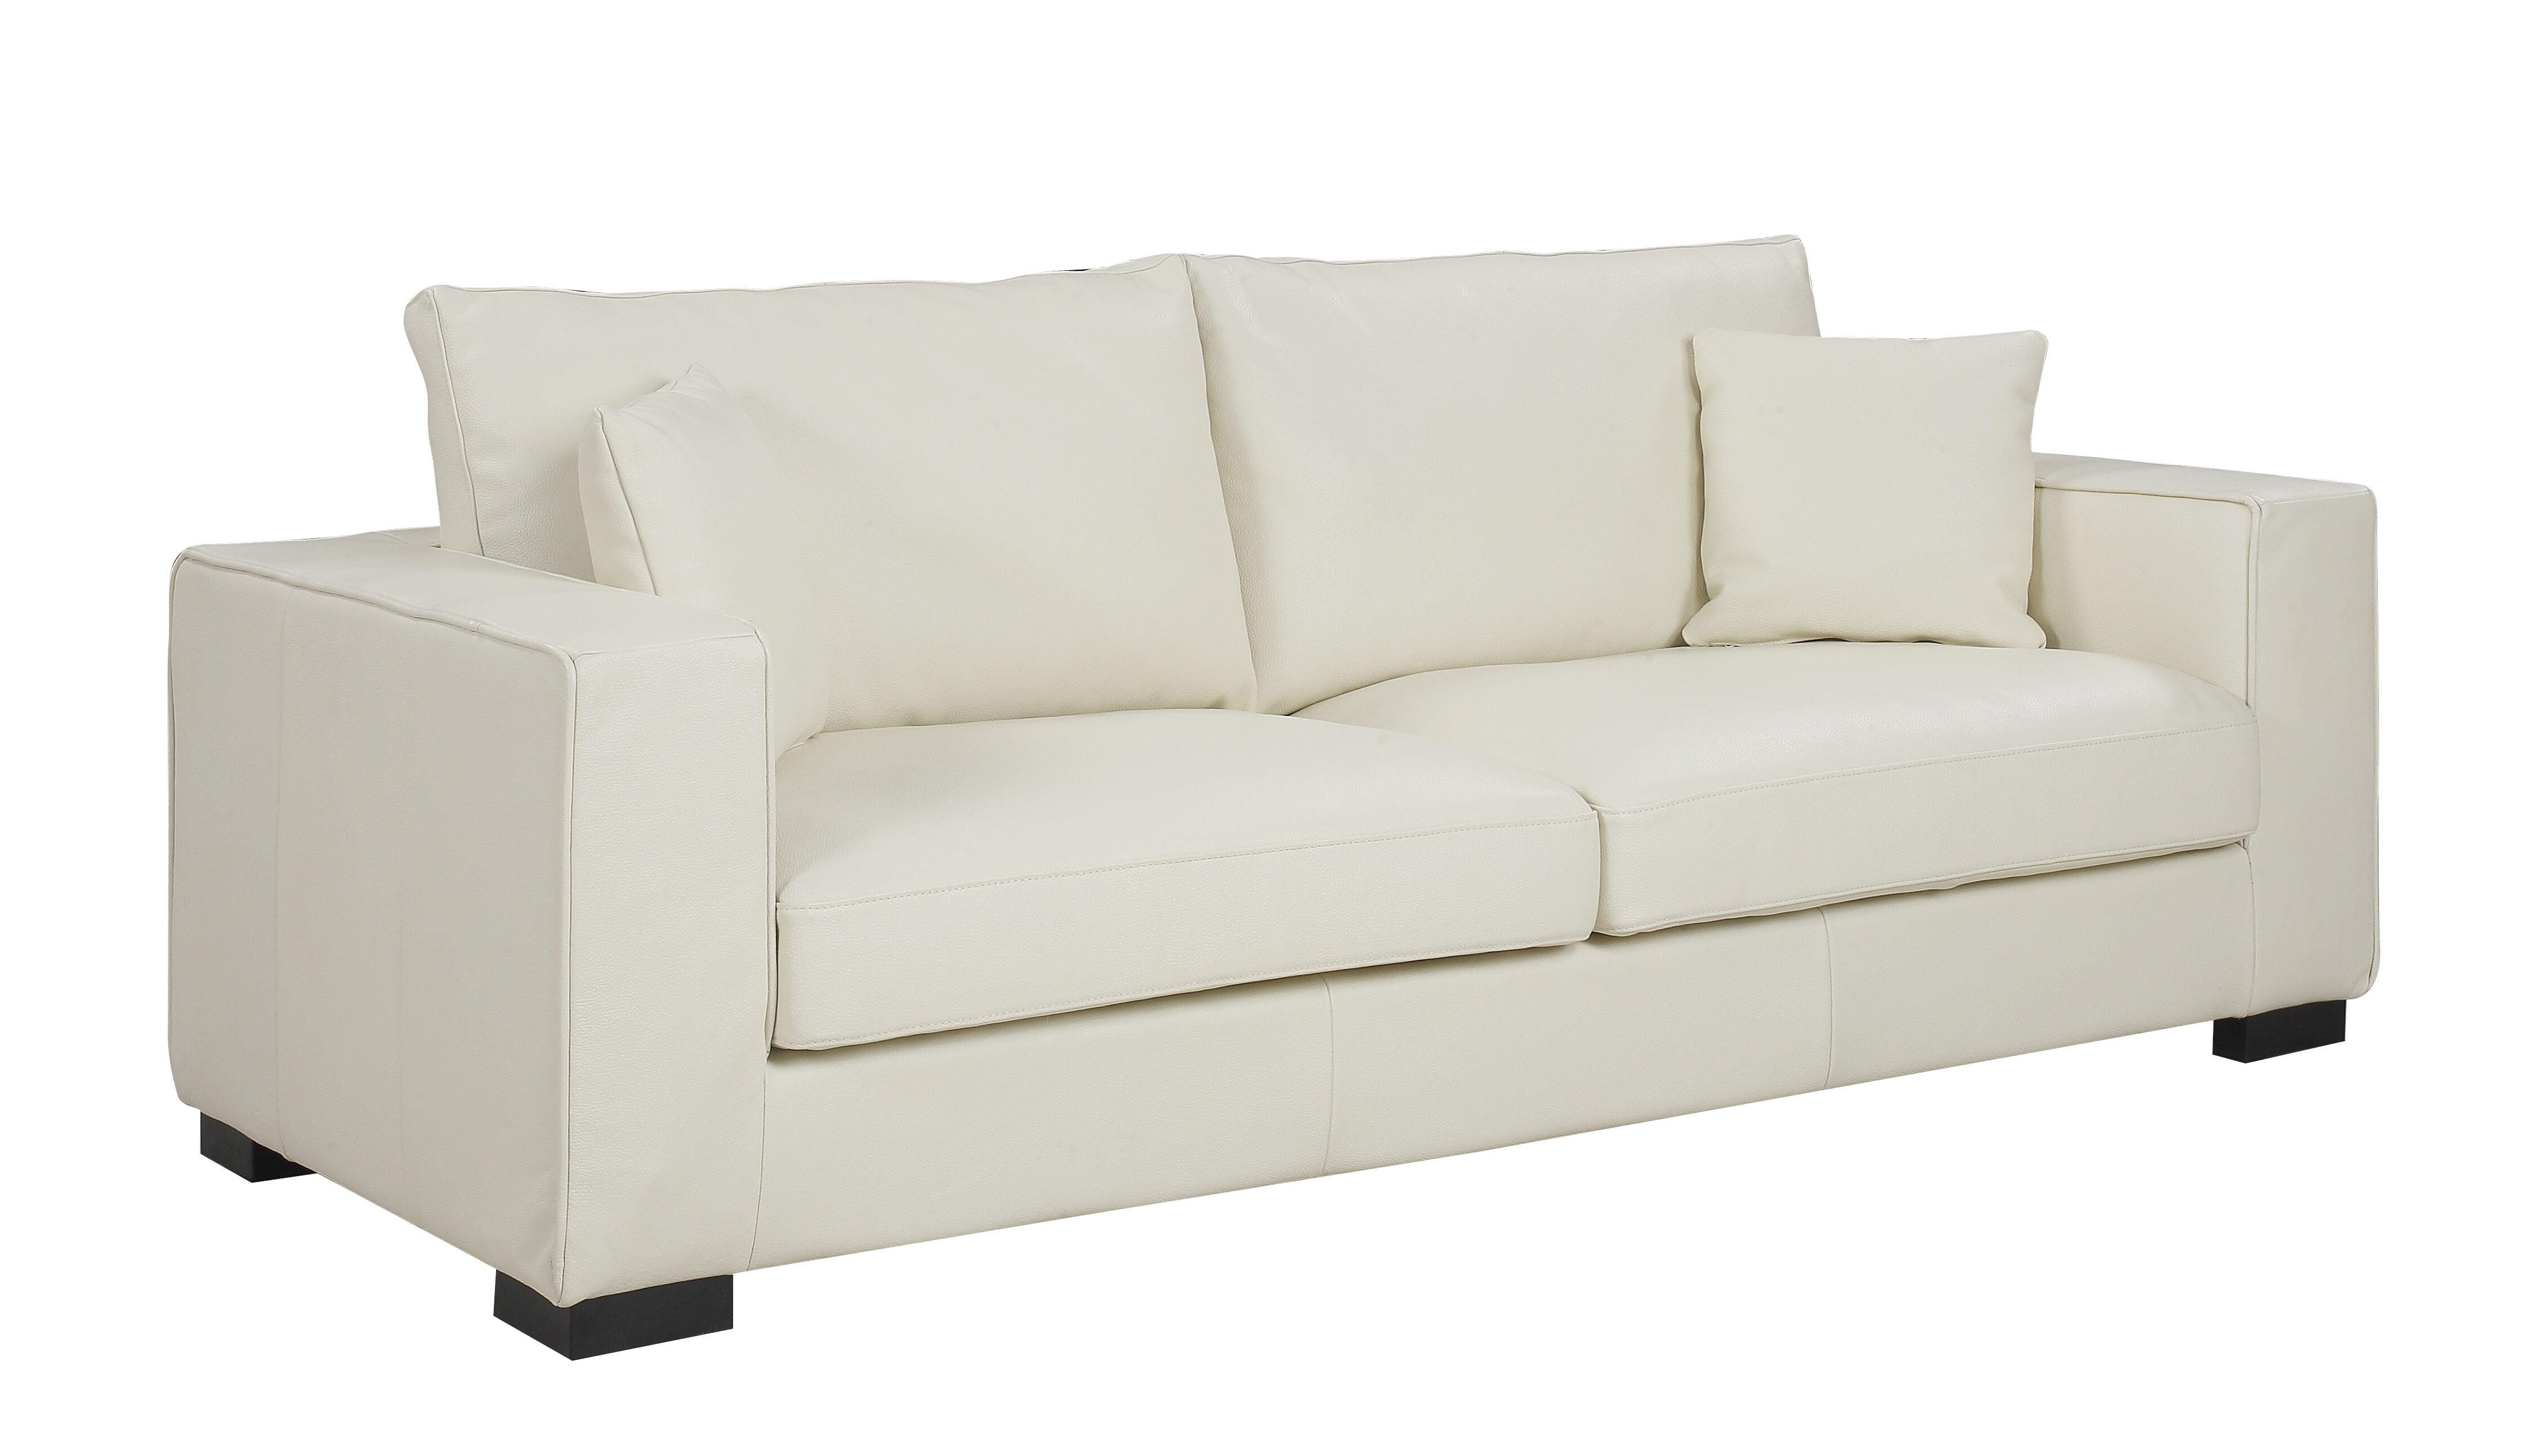 Orren Ellis Leka Large Modern Top Grain Leather Sofa | Wayfair